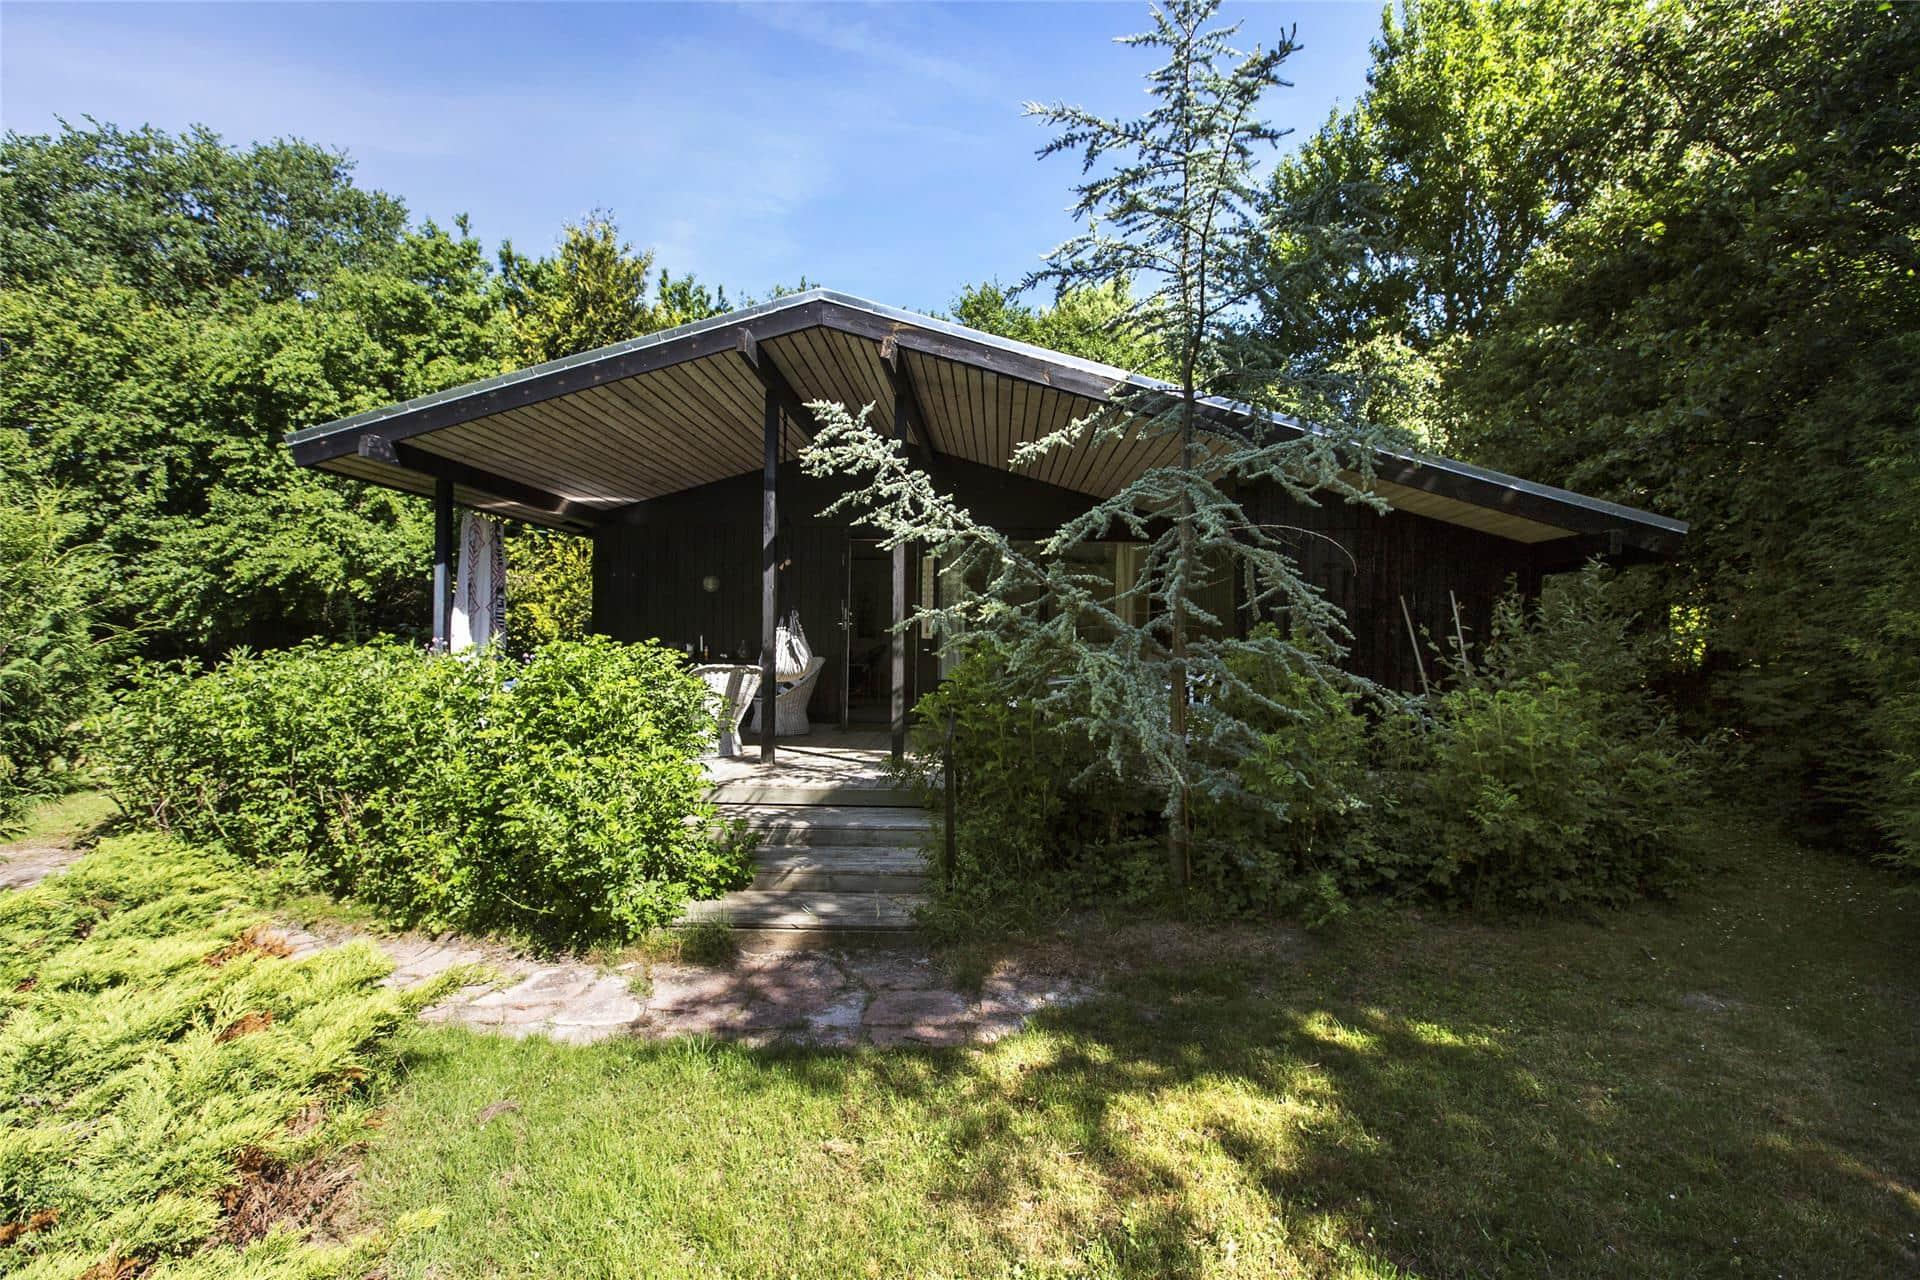 Billede 1-1336 Sommerhus 1093-N, Klitgårdsvej 7, DK - 3390 Hundested